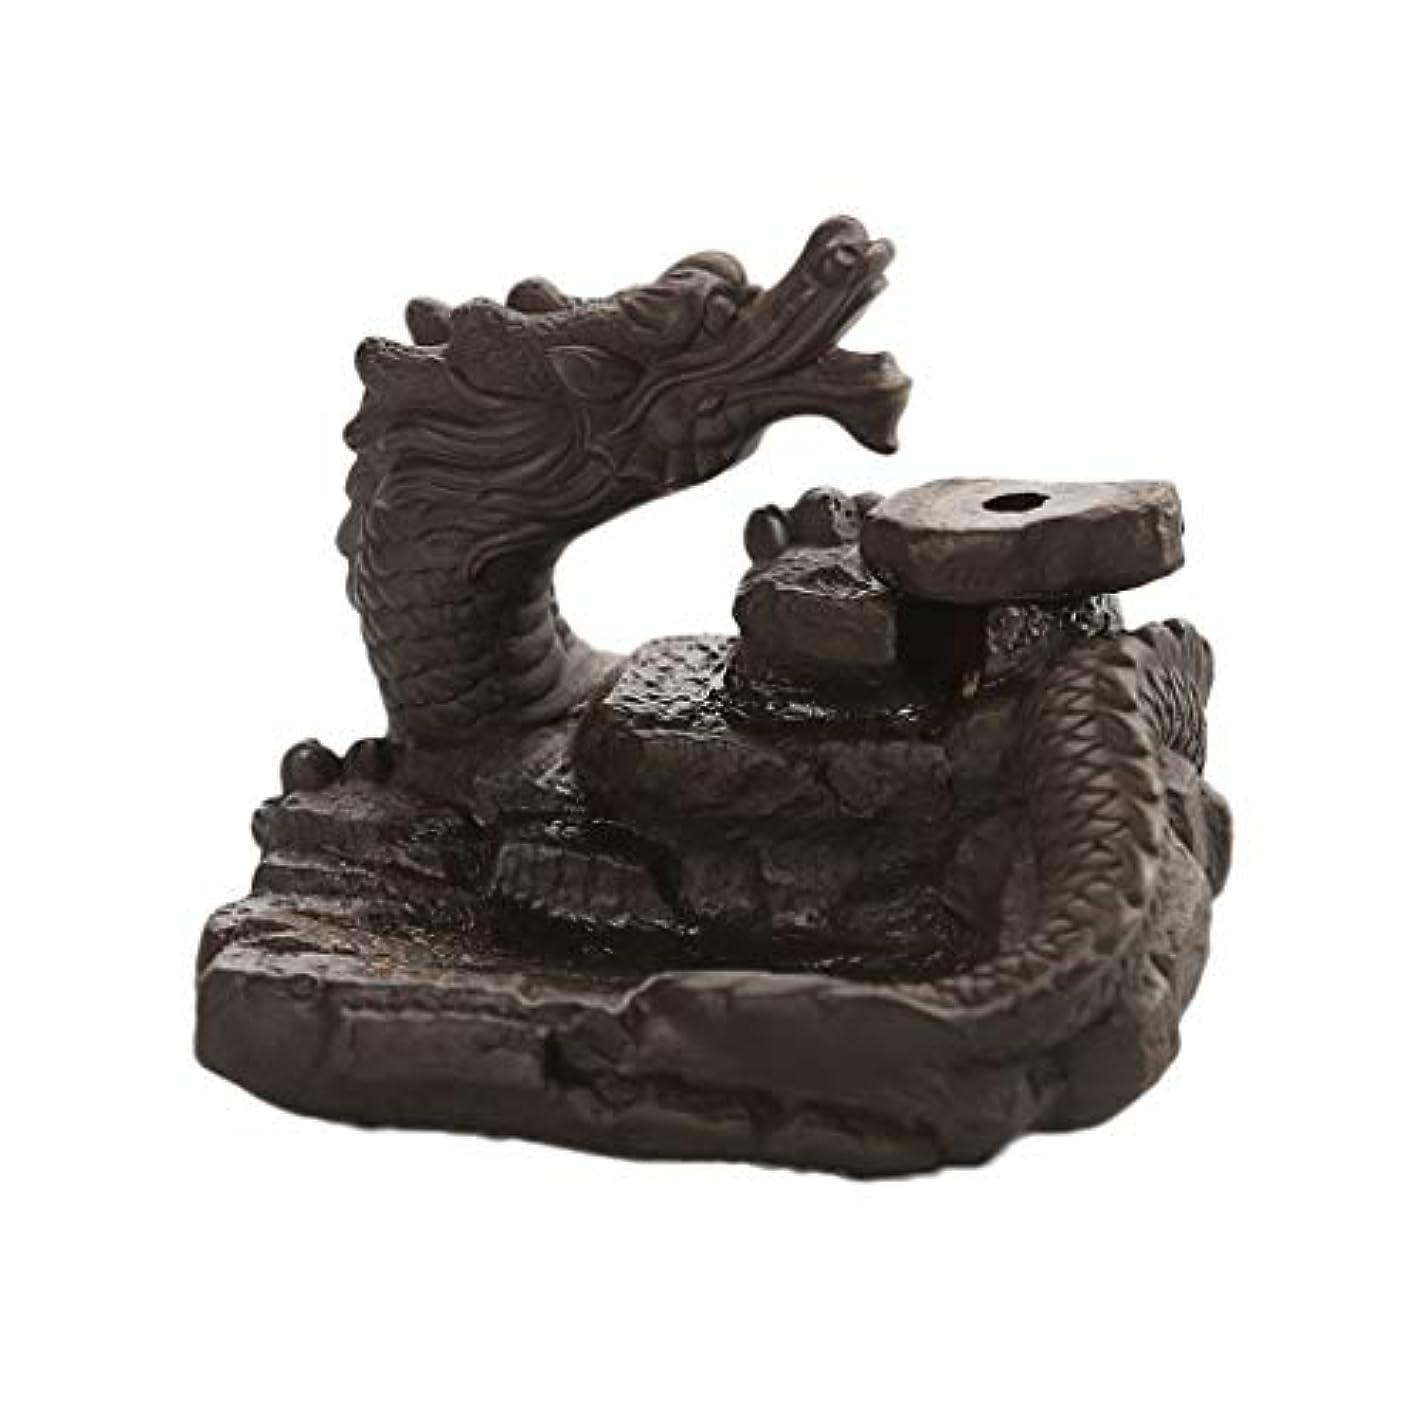 環境に優しい湿原有利家の装飾ドラゴン逆流還流香バーナーセラミックスティックホルダーコーンセンサー茶室飾り香炉 (Color : Black, サイズ : 3.46*3.14*2.36 inches)